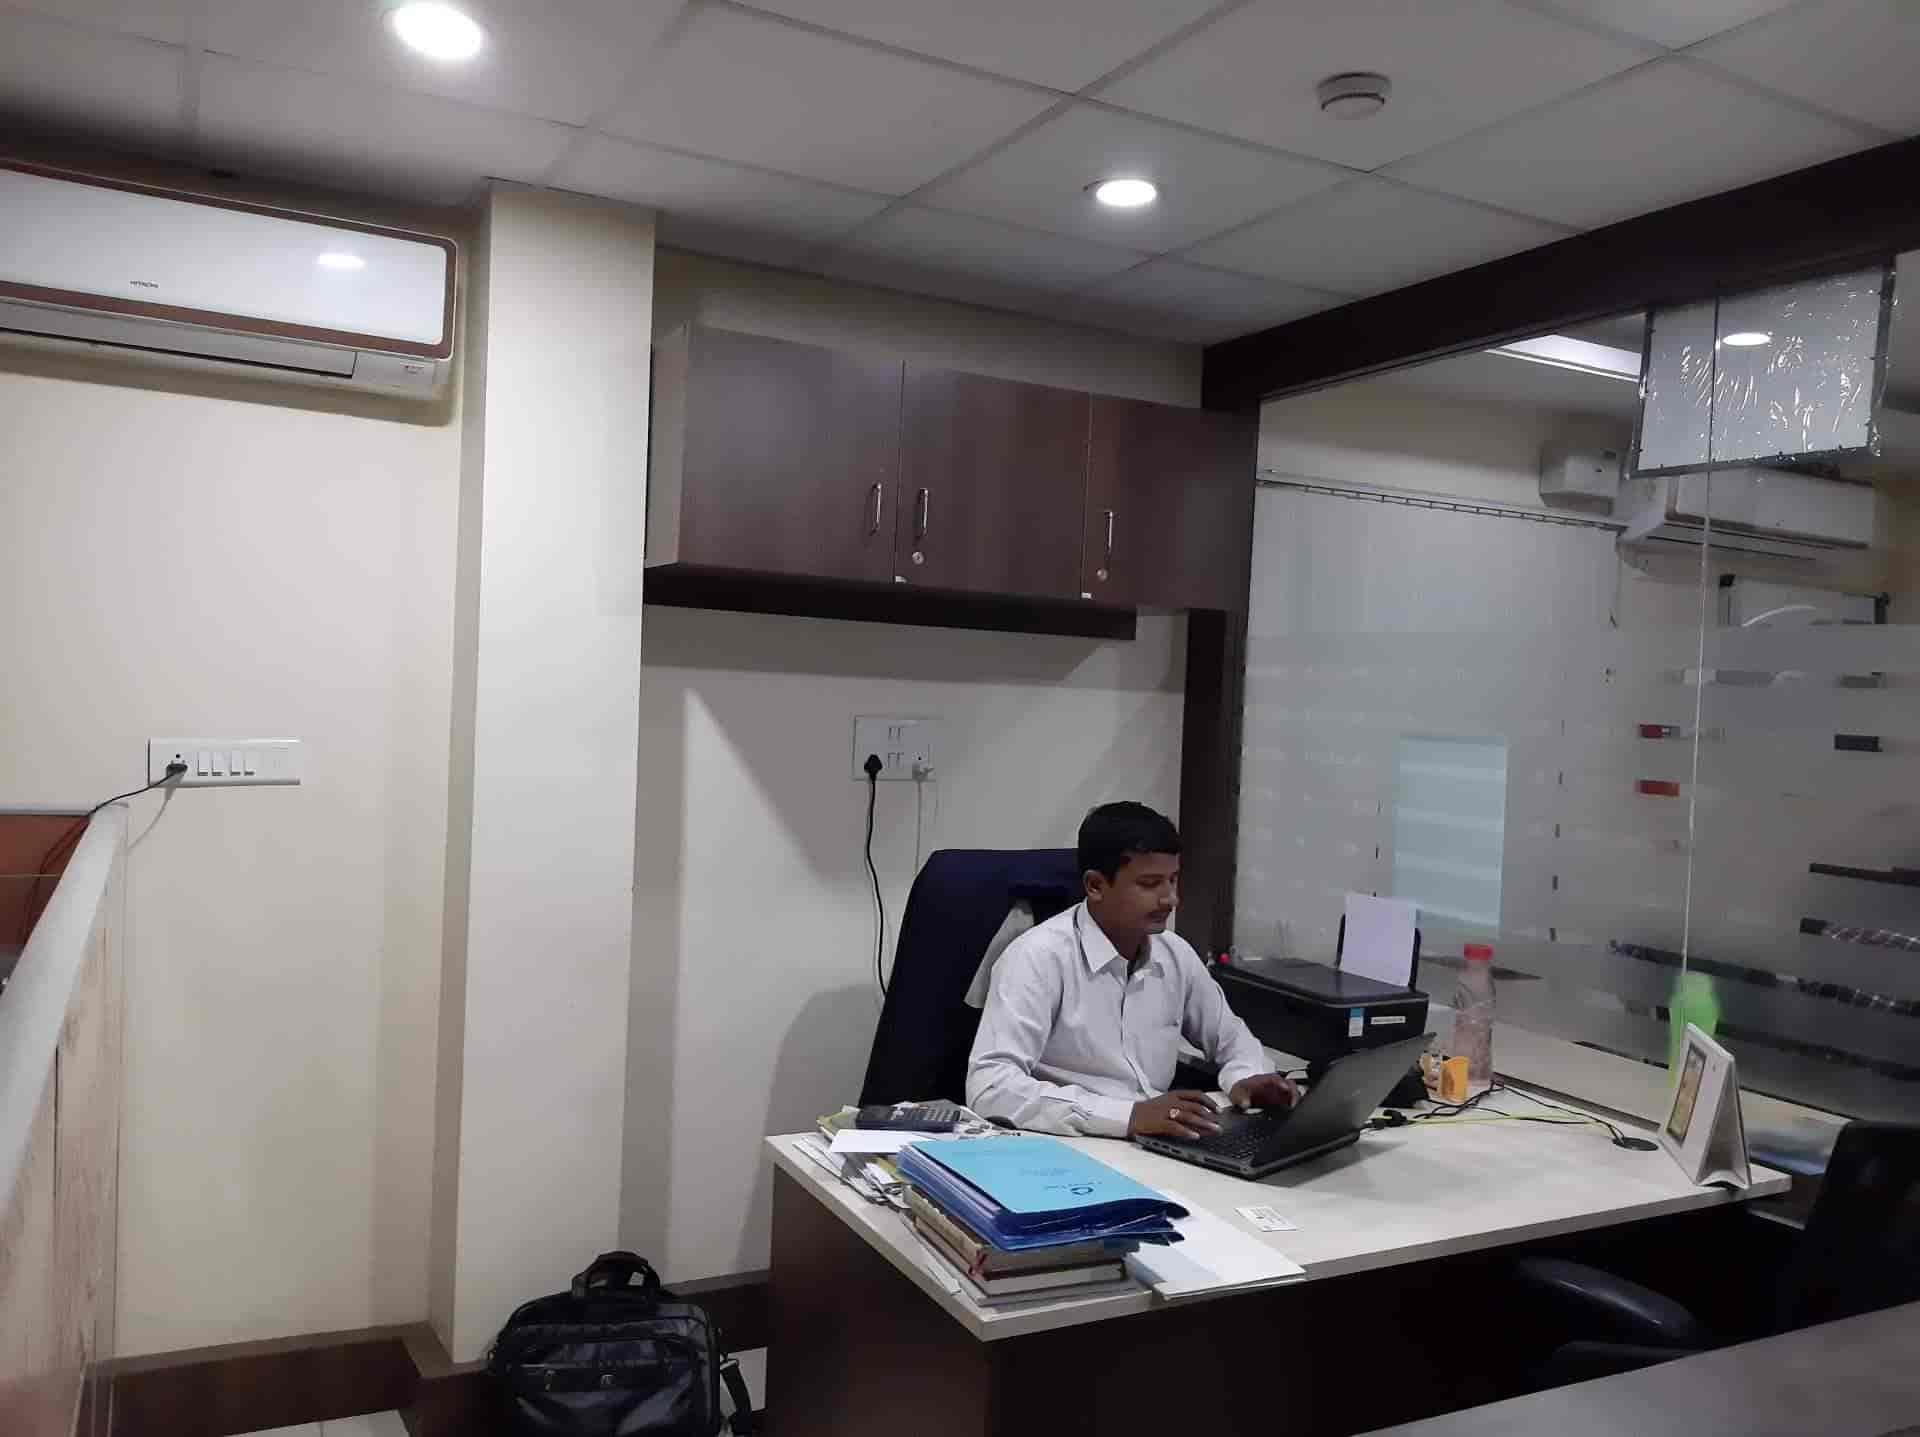 International Travel House Ltd, Dwaraka Nagar - Travel